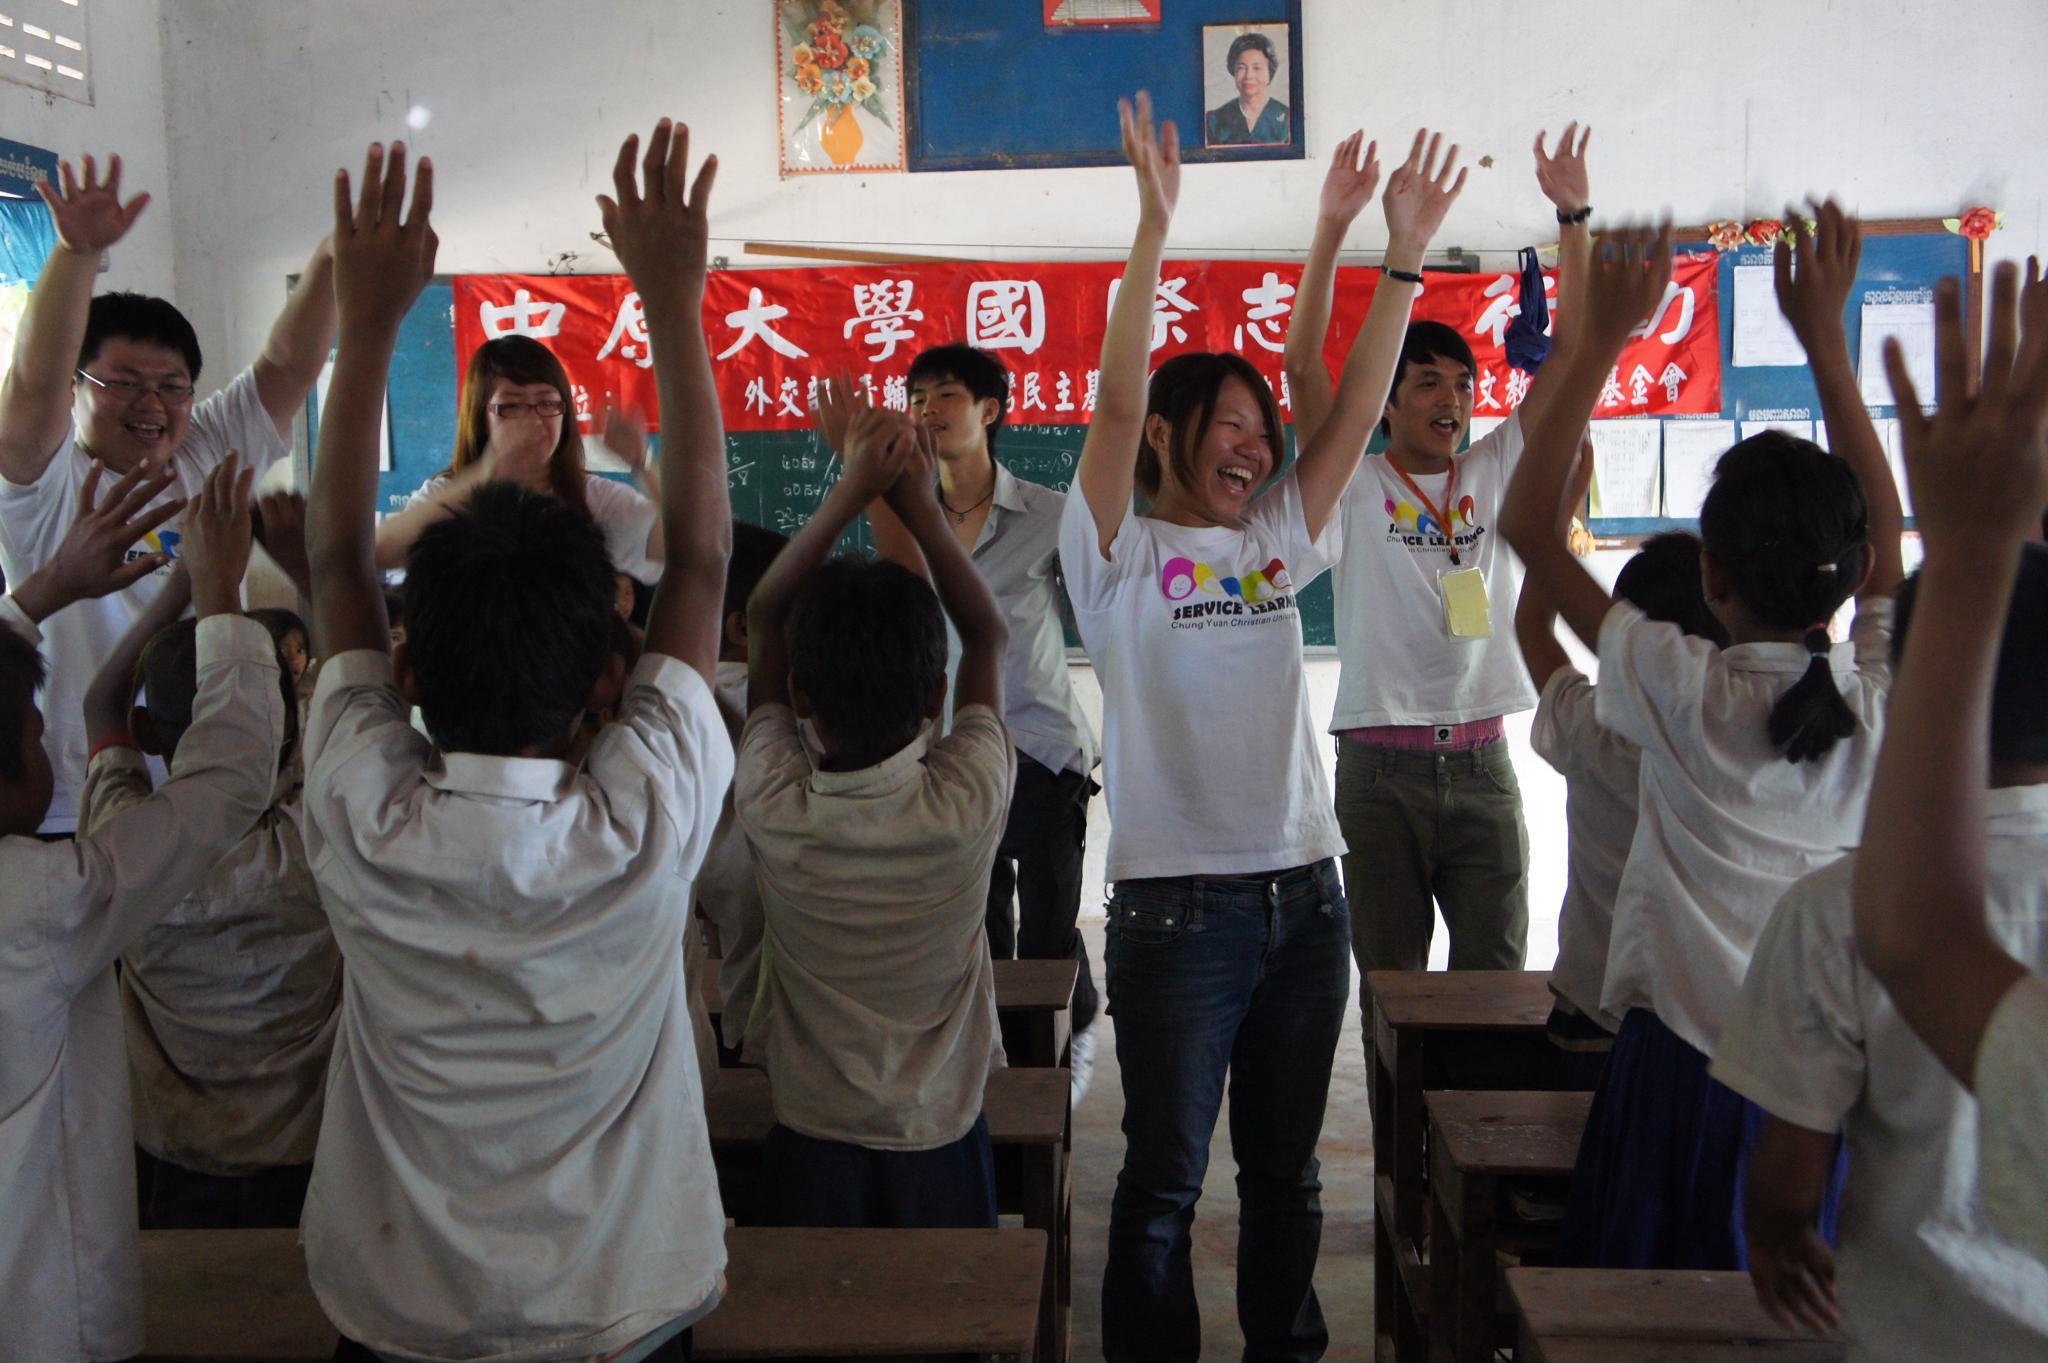 「柬」不斷的愛 有你,愛繪飛─2011中原大學海外志工服務團隊